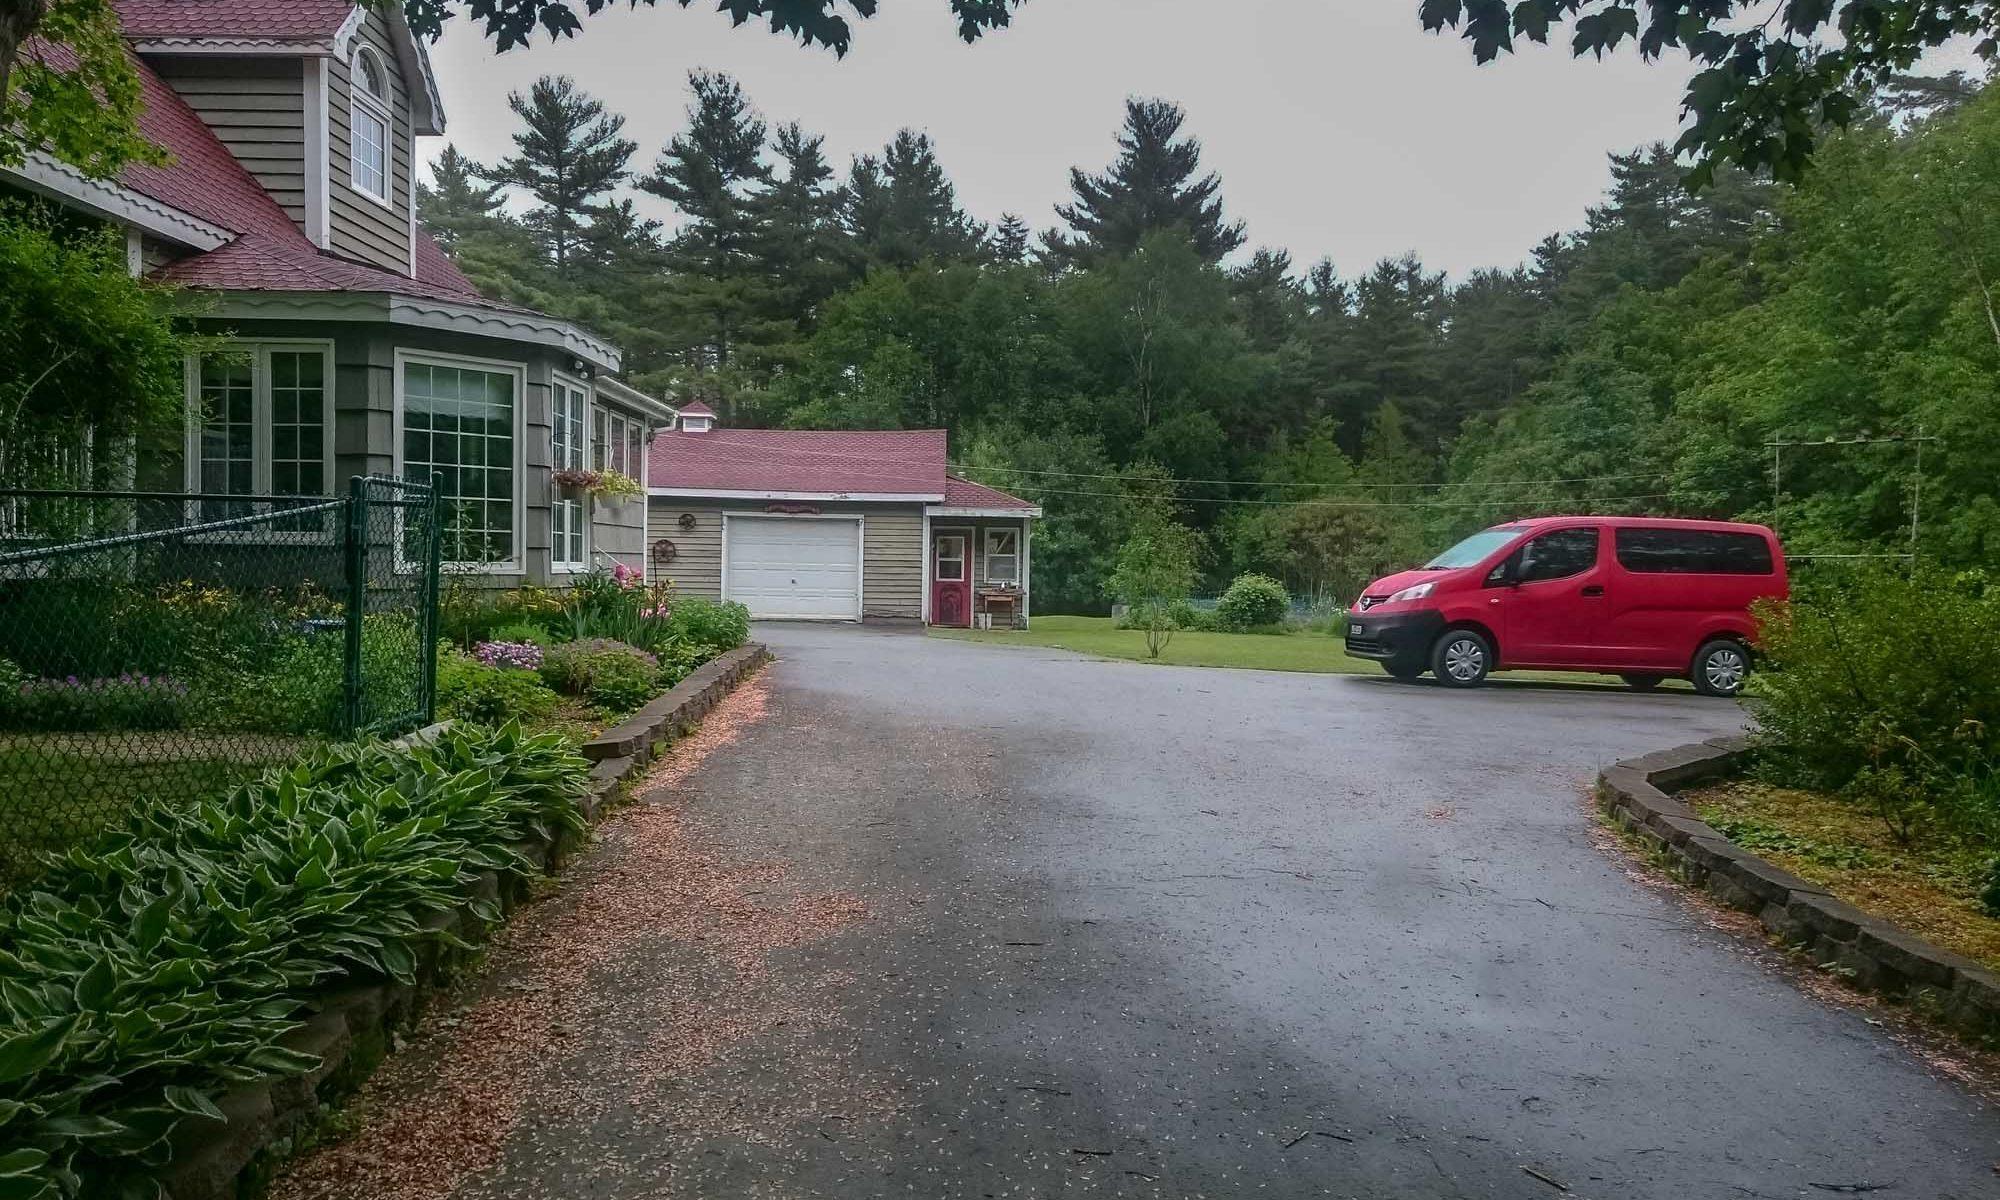 Foto einer Hauszufahrt mit rotem Camper.